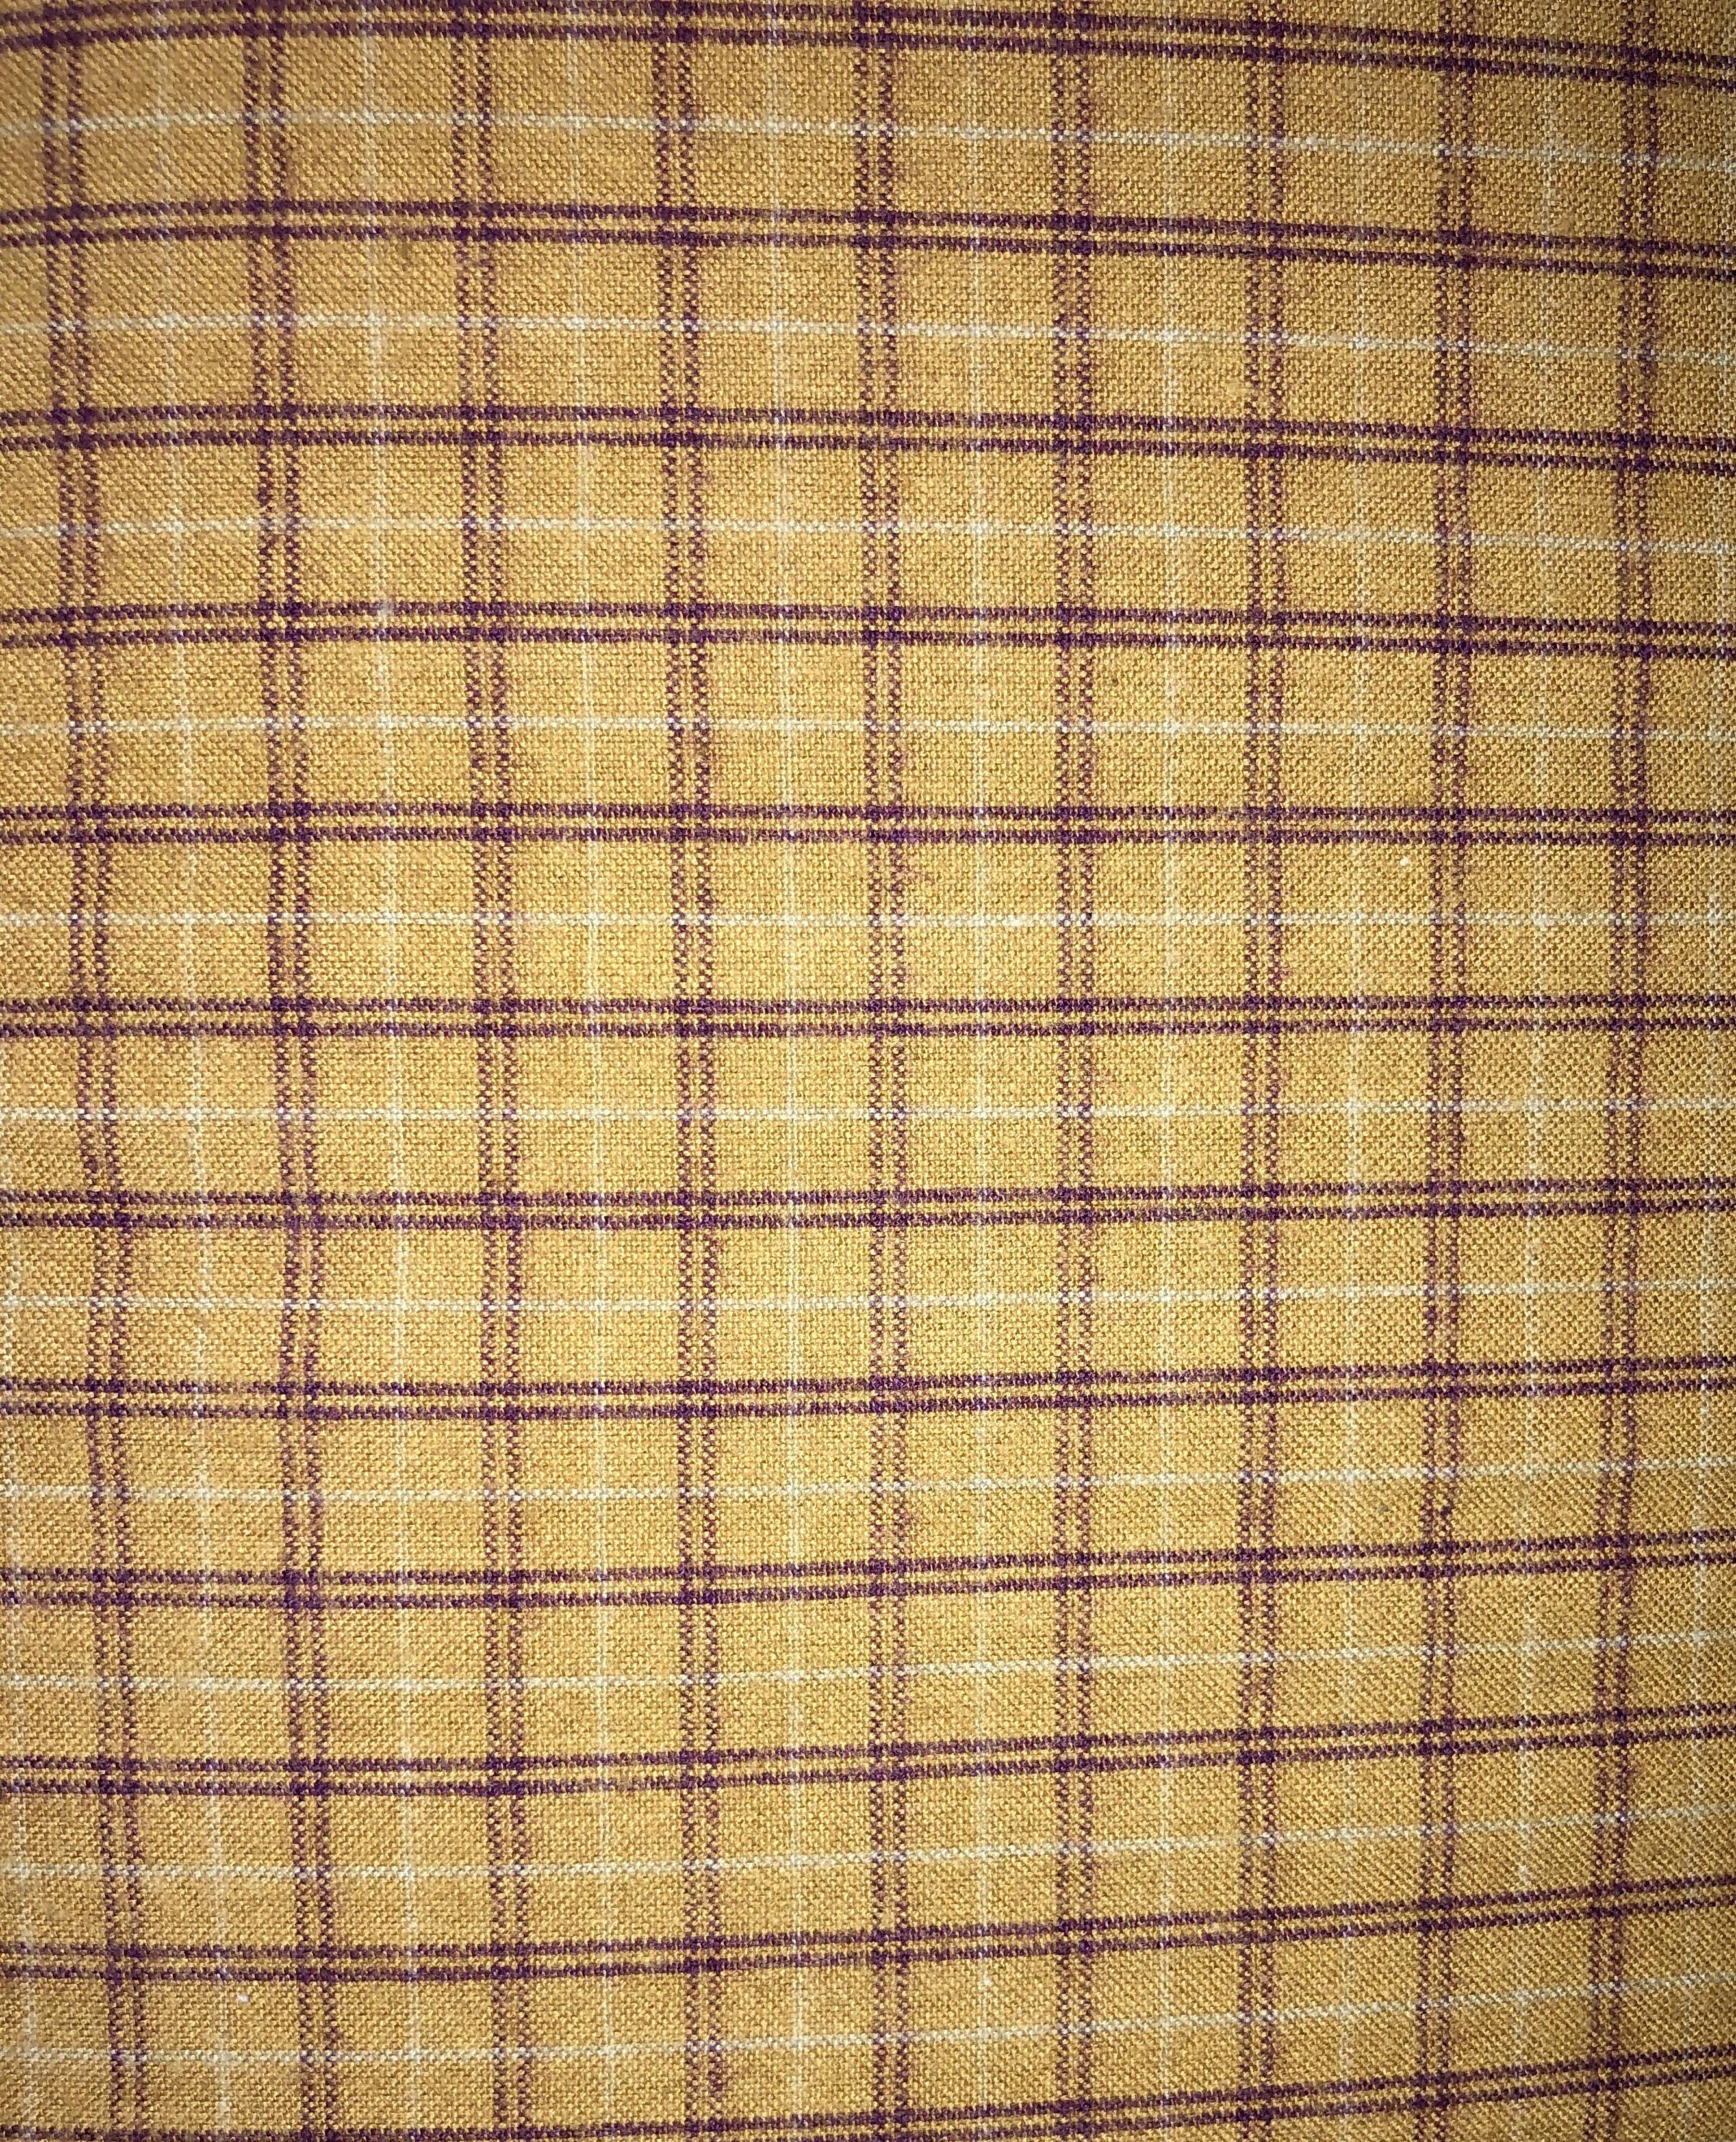 Yarn Dyed Flannel - Tan Plaid - 1/2m cut 55169